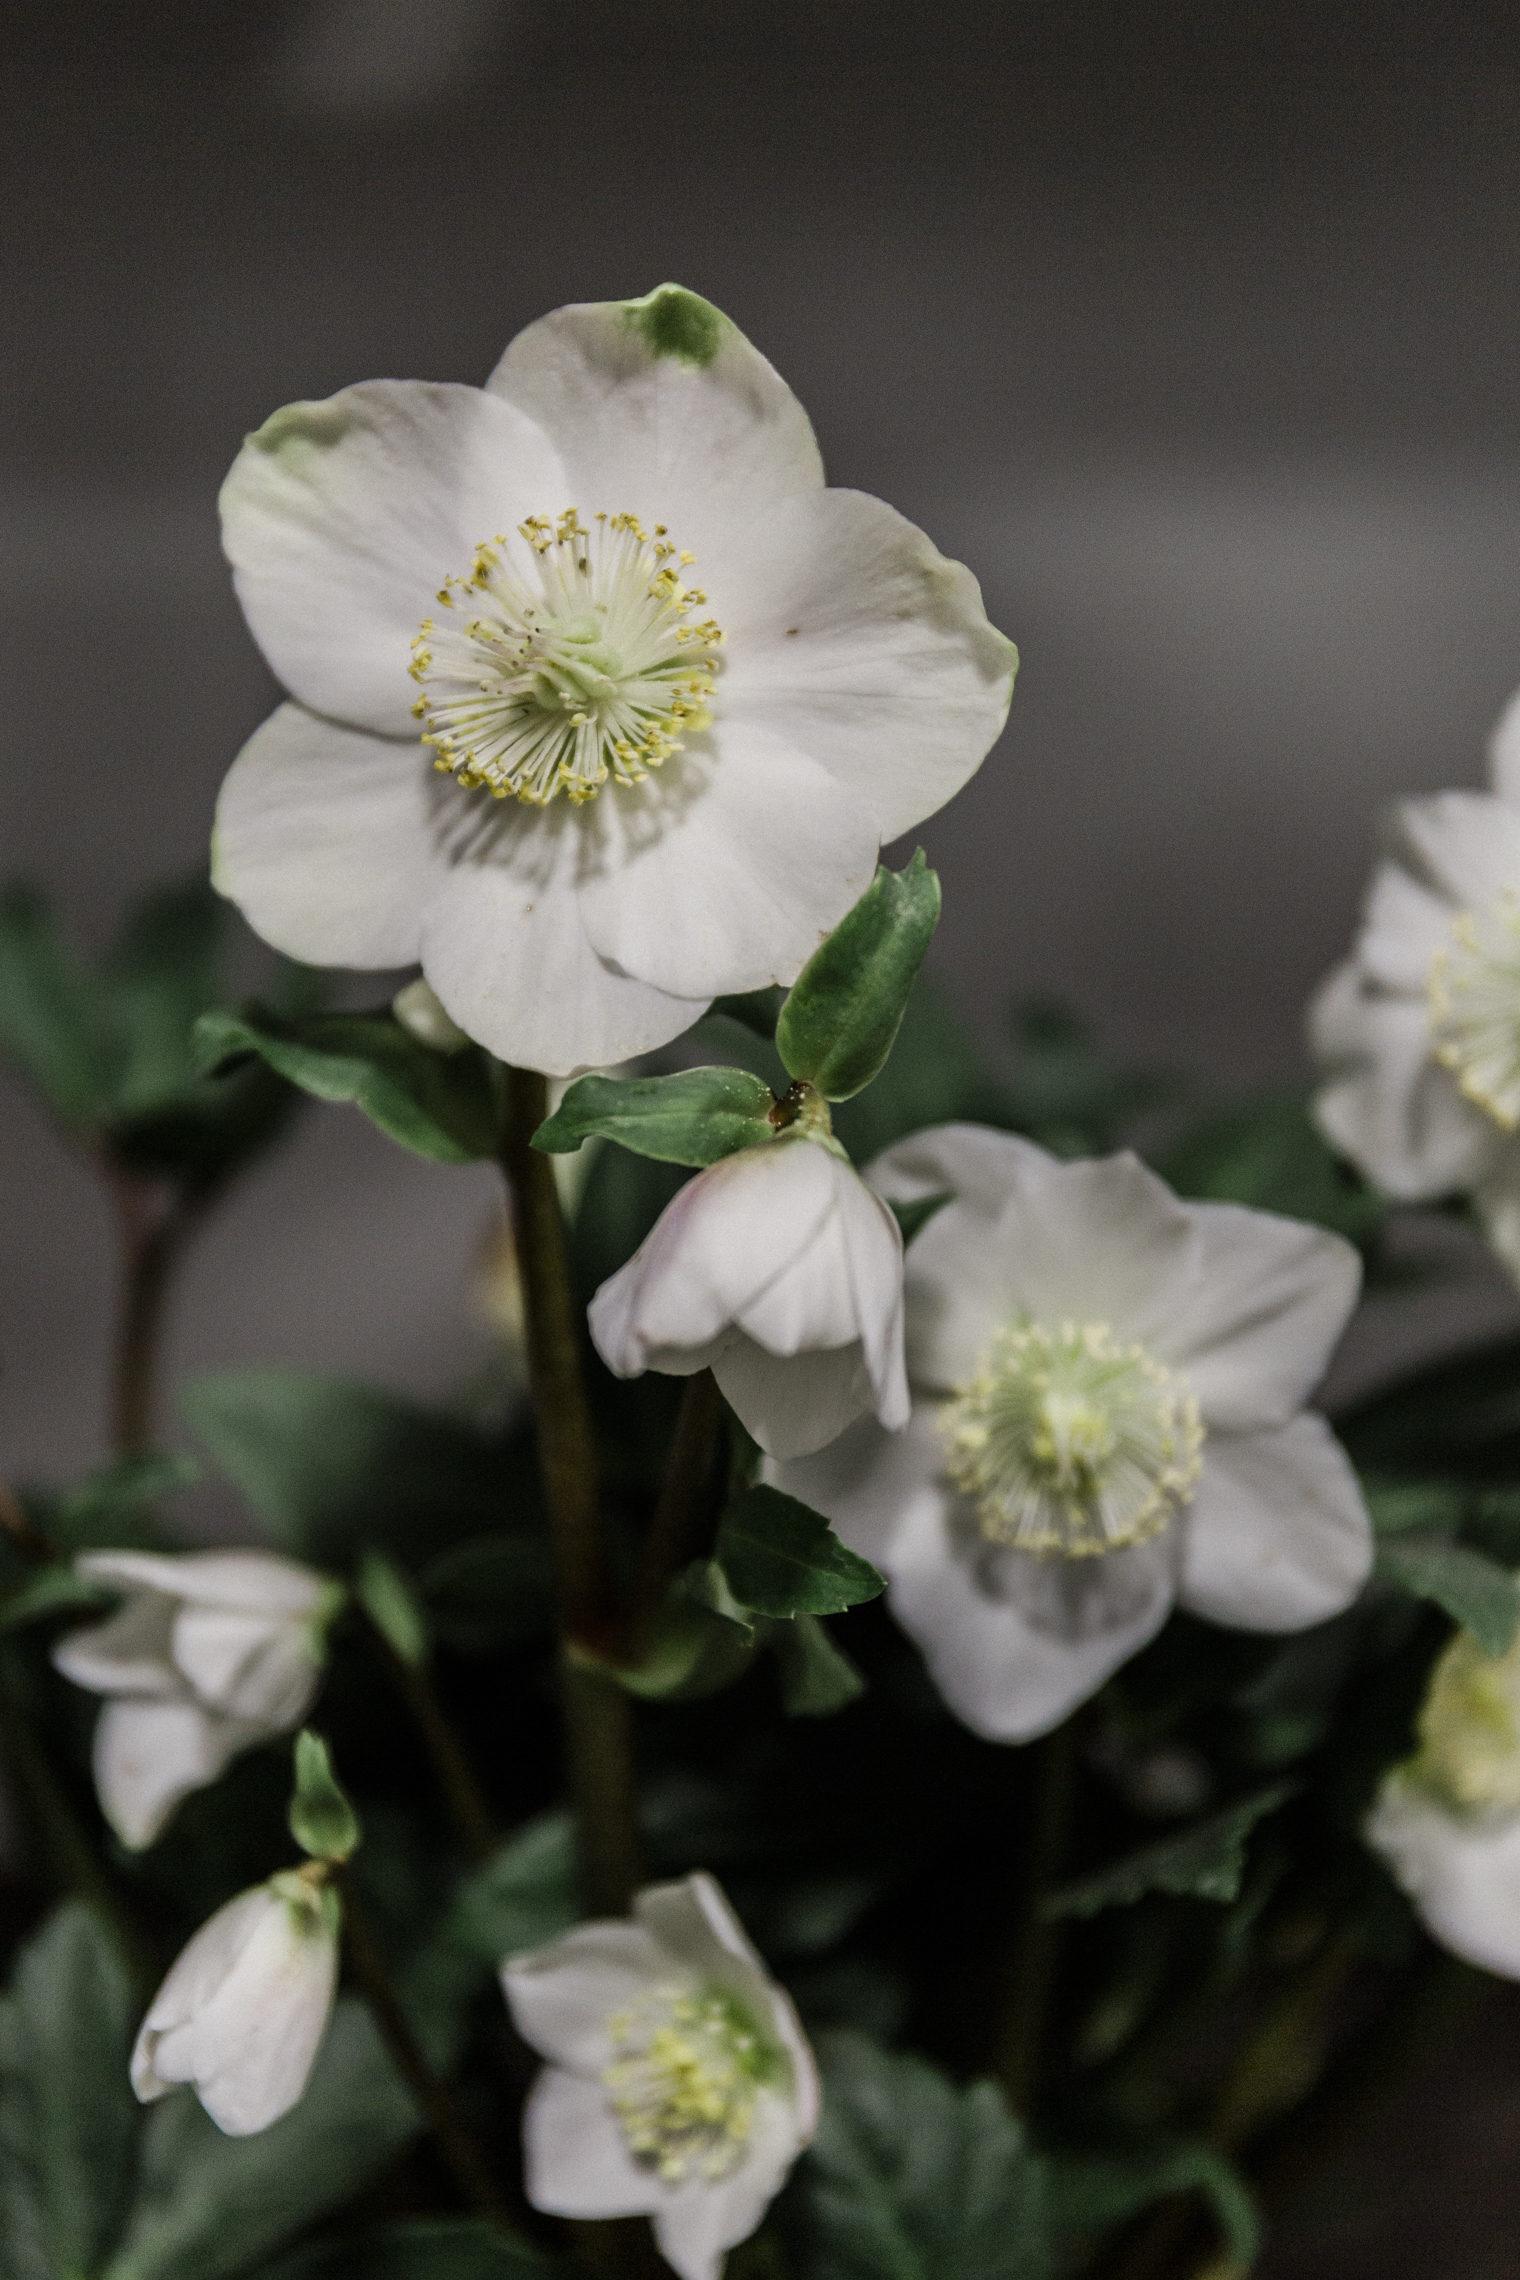 Seasonal Flowers and Plants - Hellebore